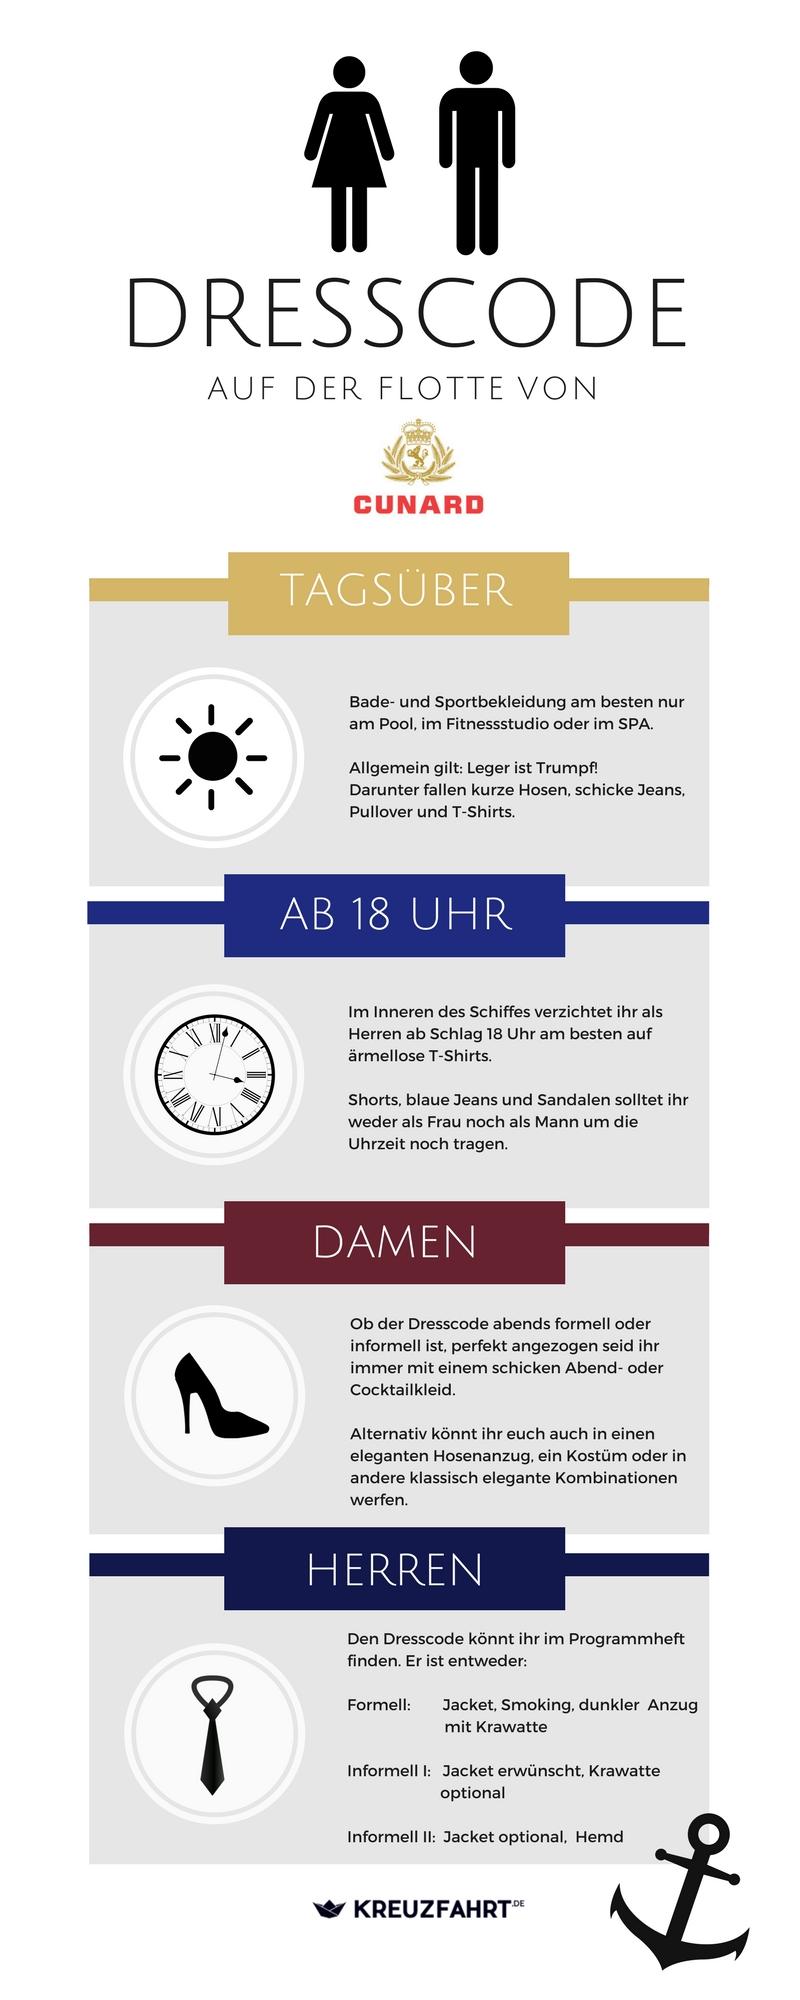 tipps für den dresscode bei der cunard line - kreuzfahrt.de